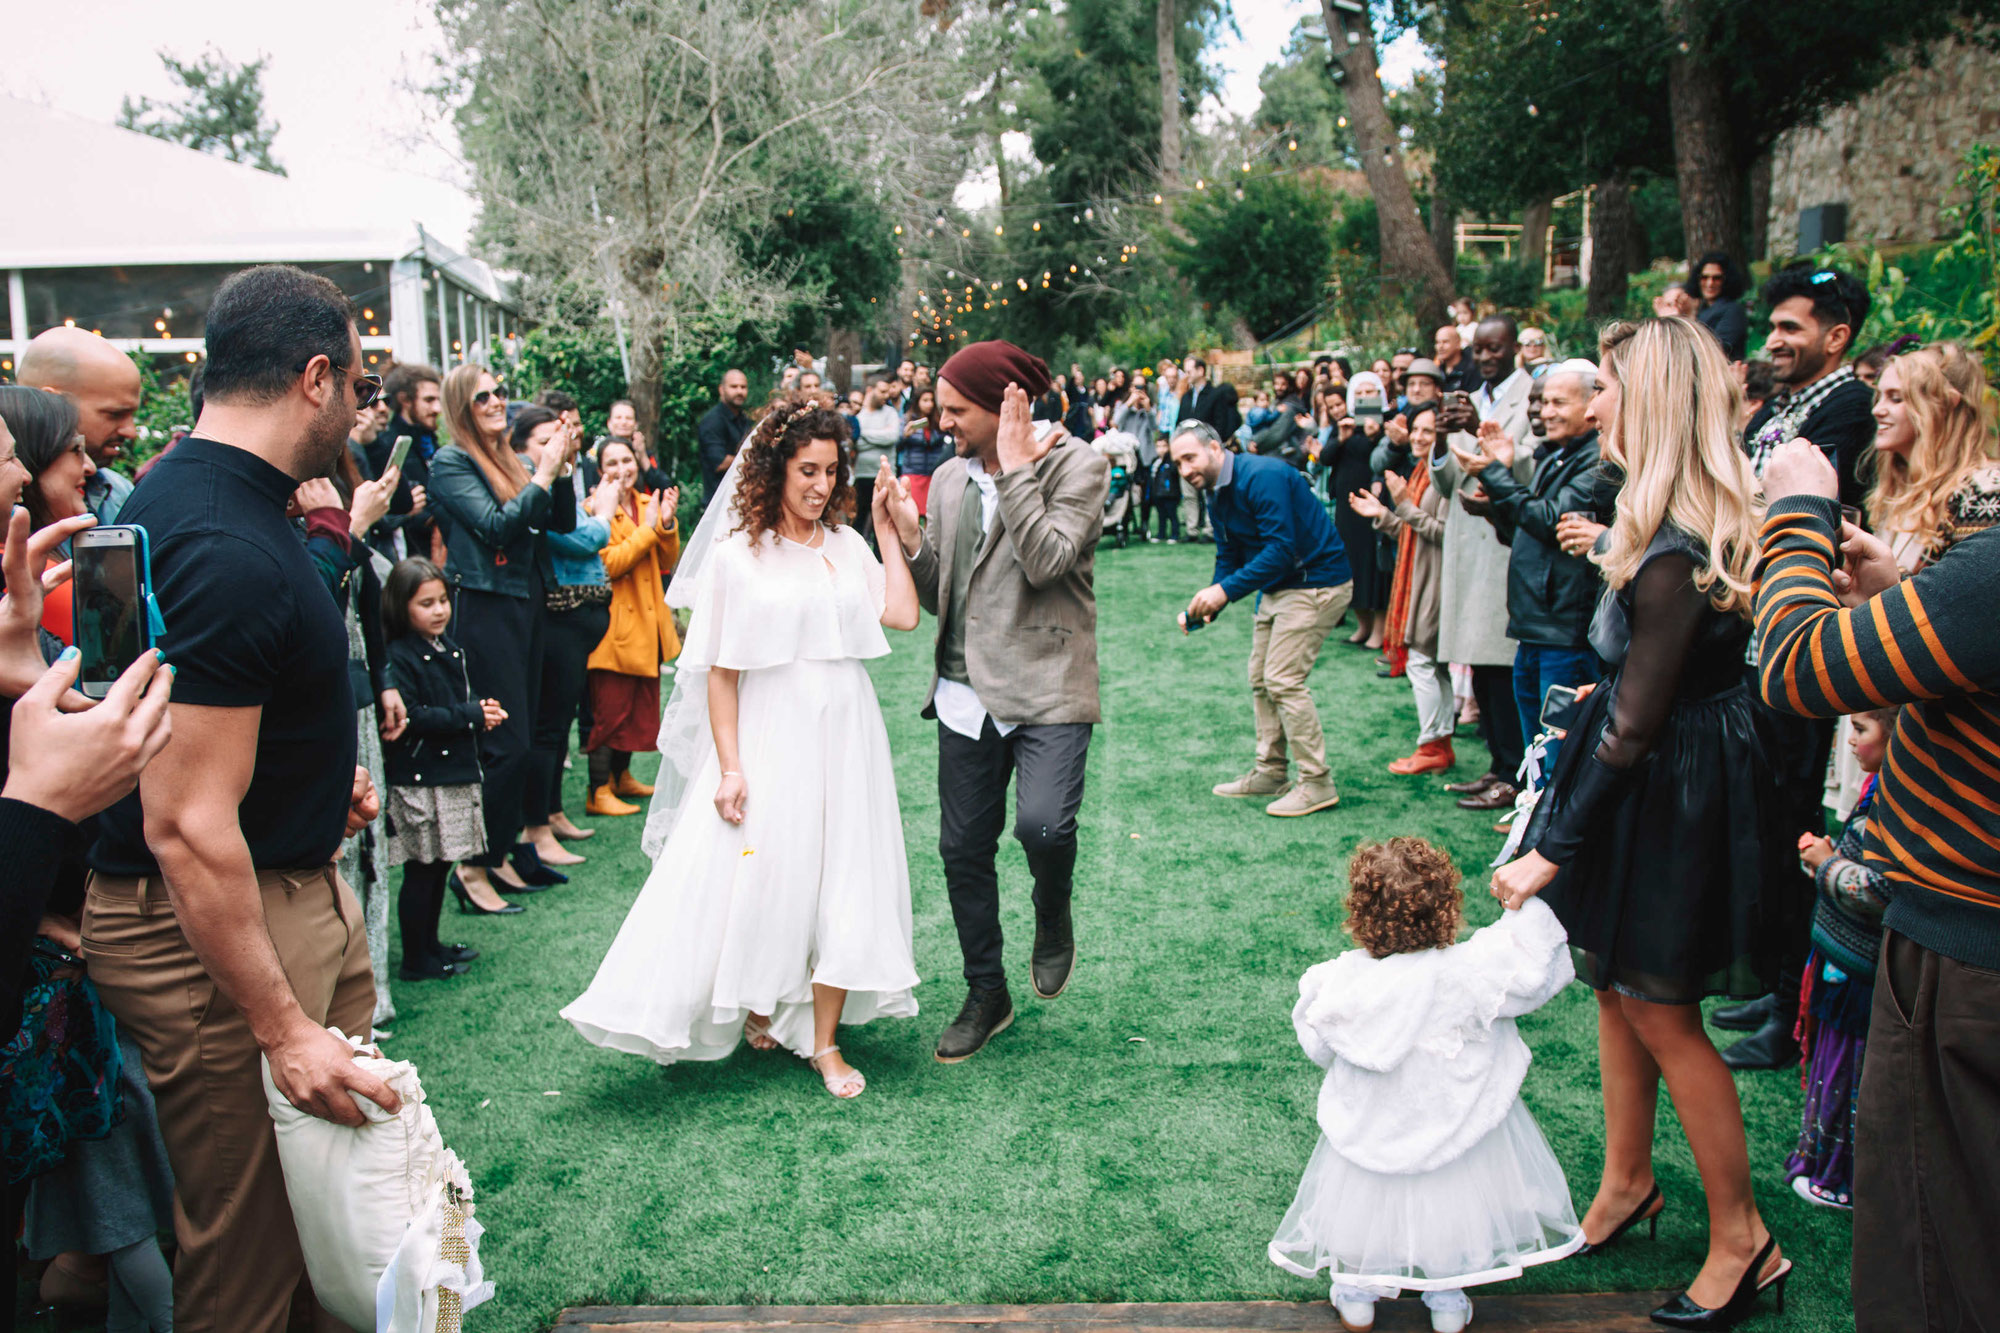 חתונה קסומה ביום שישי בצהריים - עין חמד גן אירועים בטבע